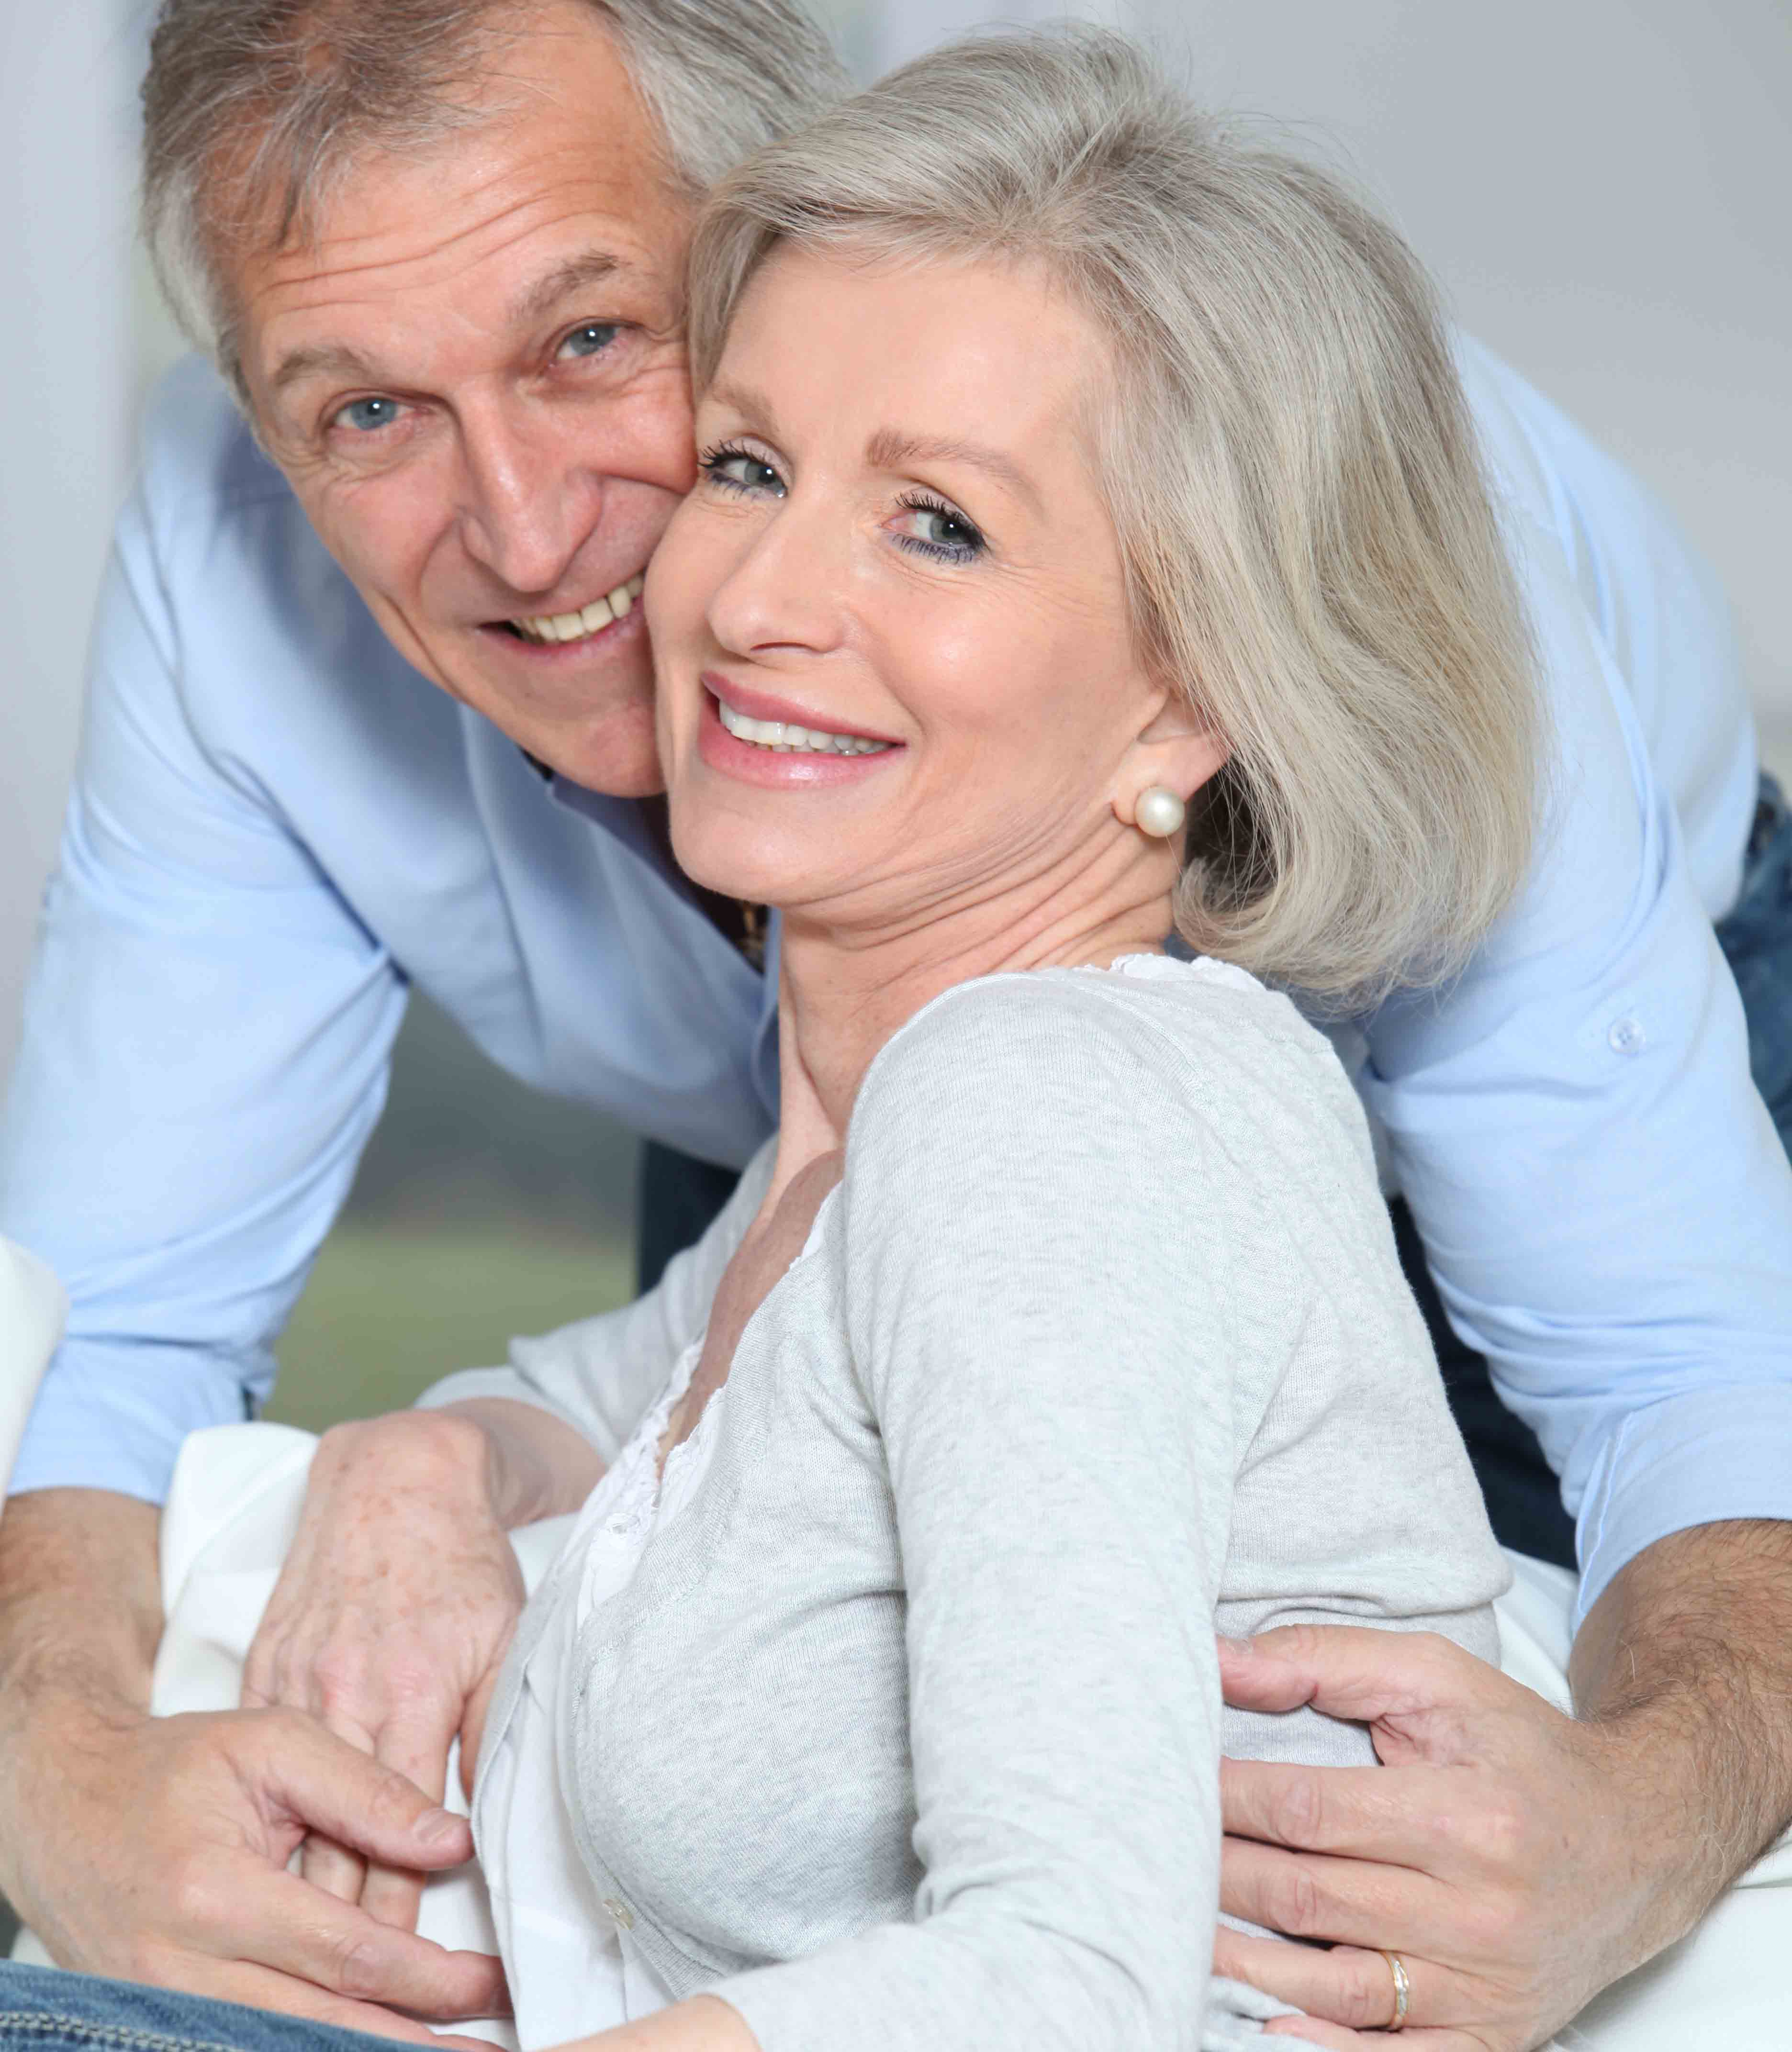 如何辨别是否患黄斑变性?老年黄斑变性的治疗方法